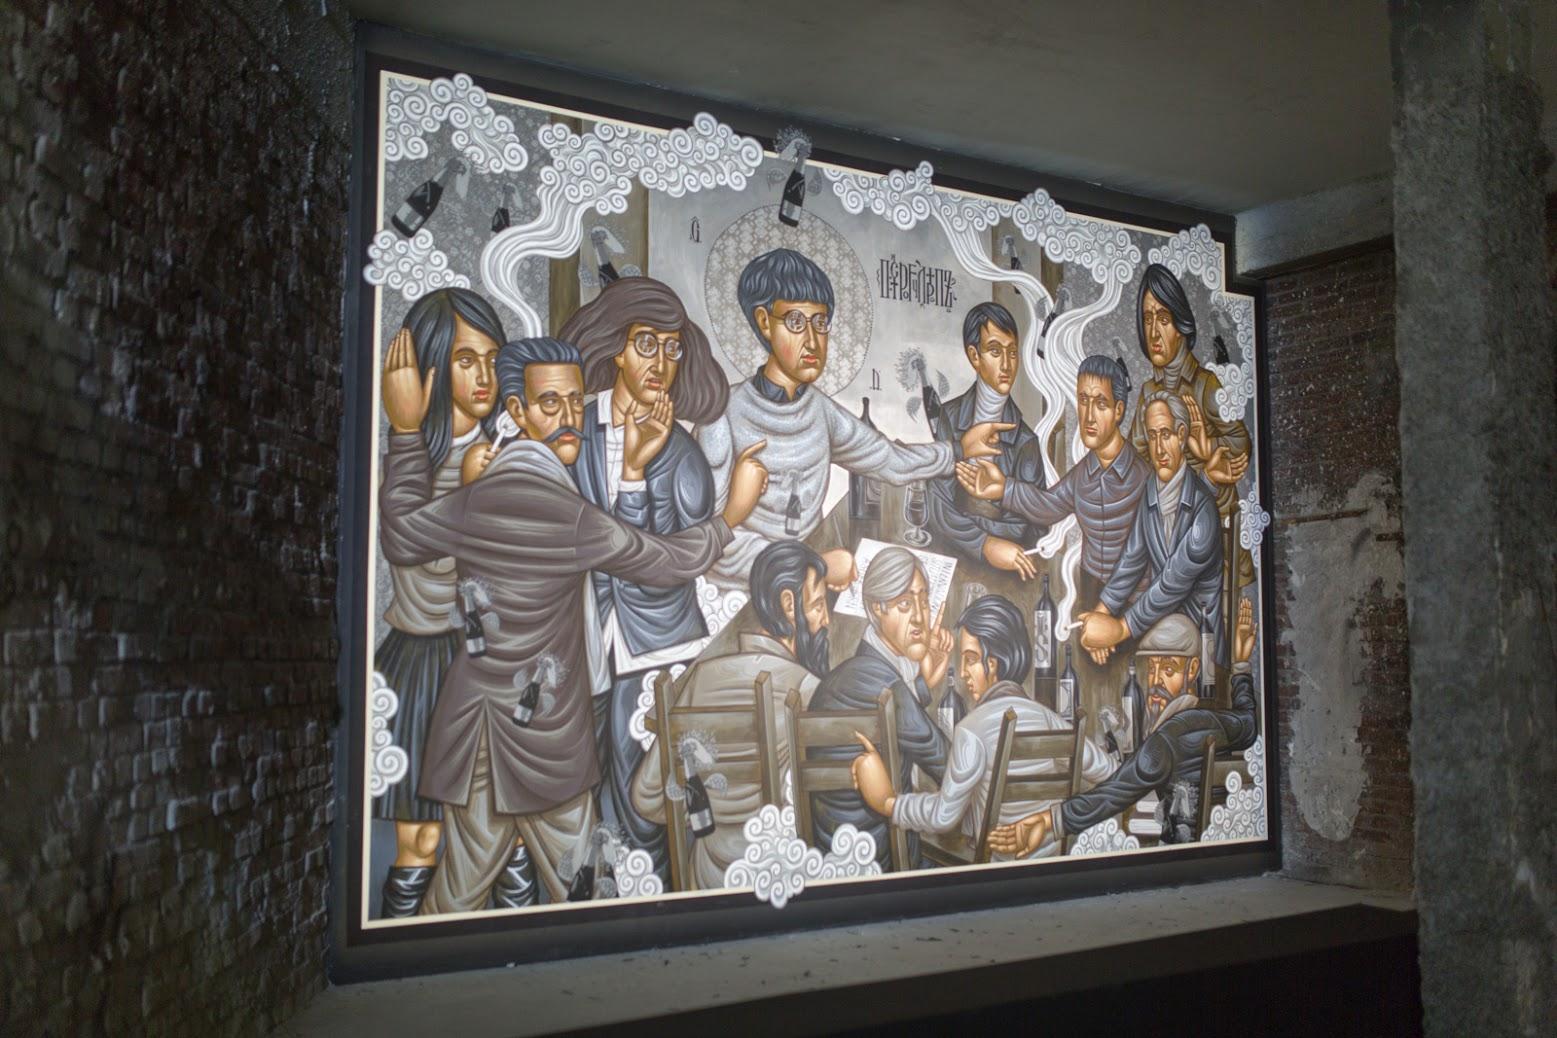 Mathieu Chouchane 2jpg - Lasco Project, infiltration dans les souterrains du Palais de Tokyo